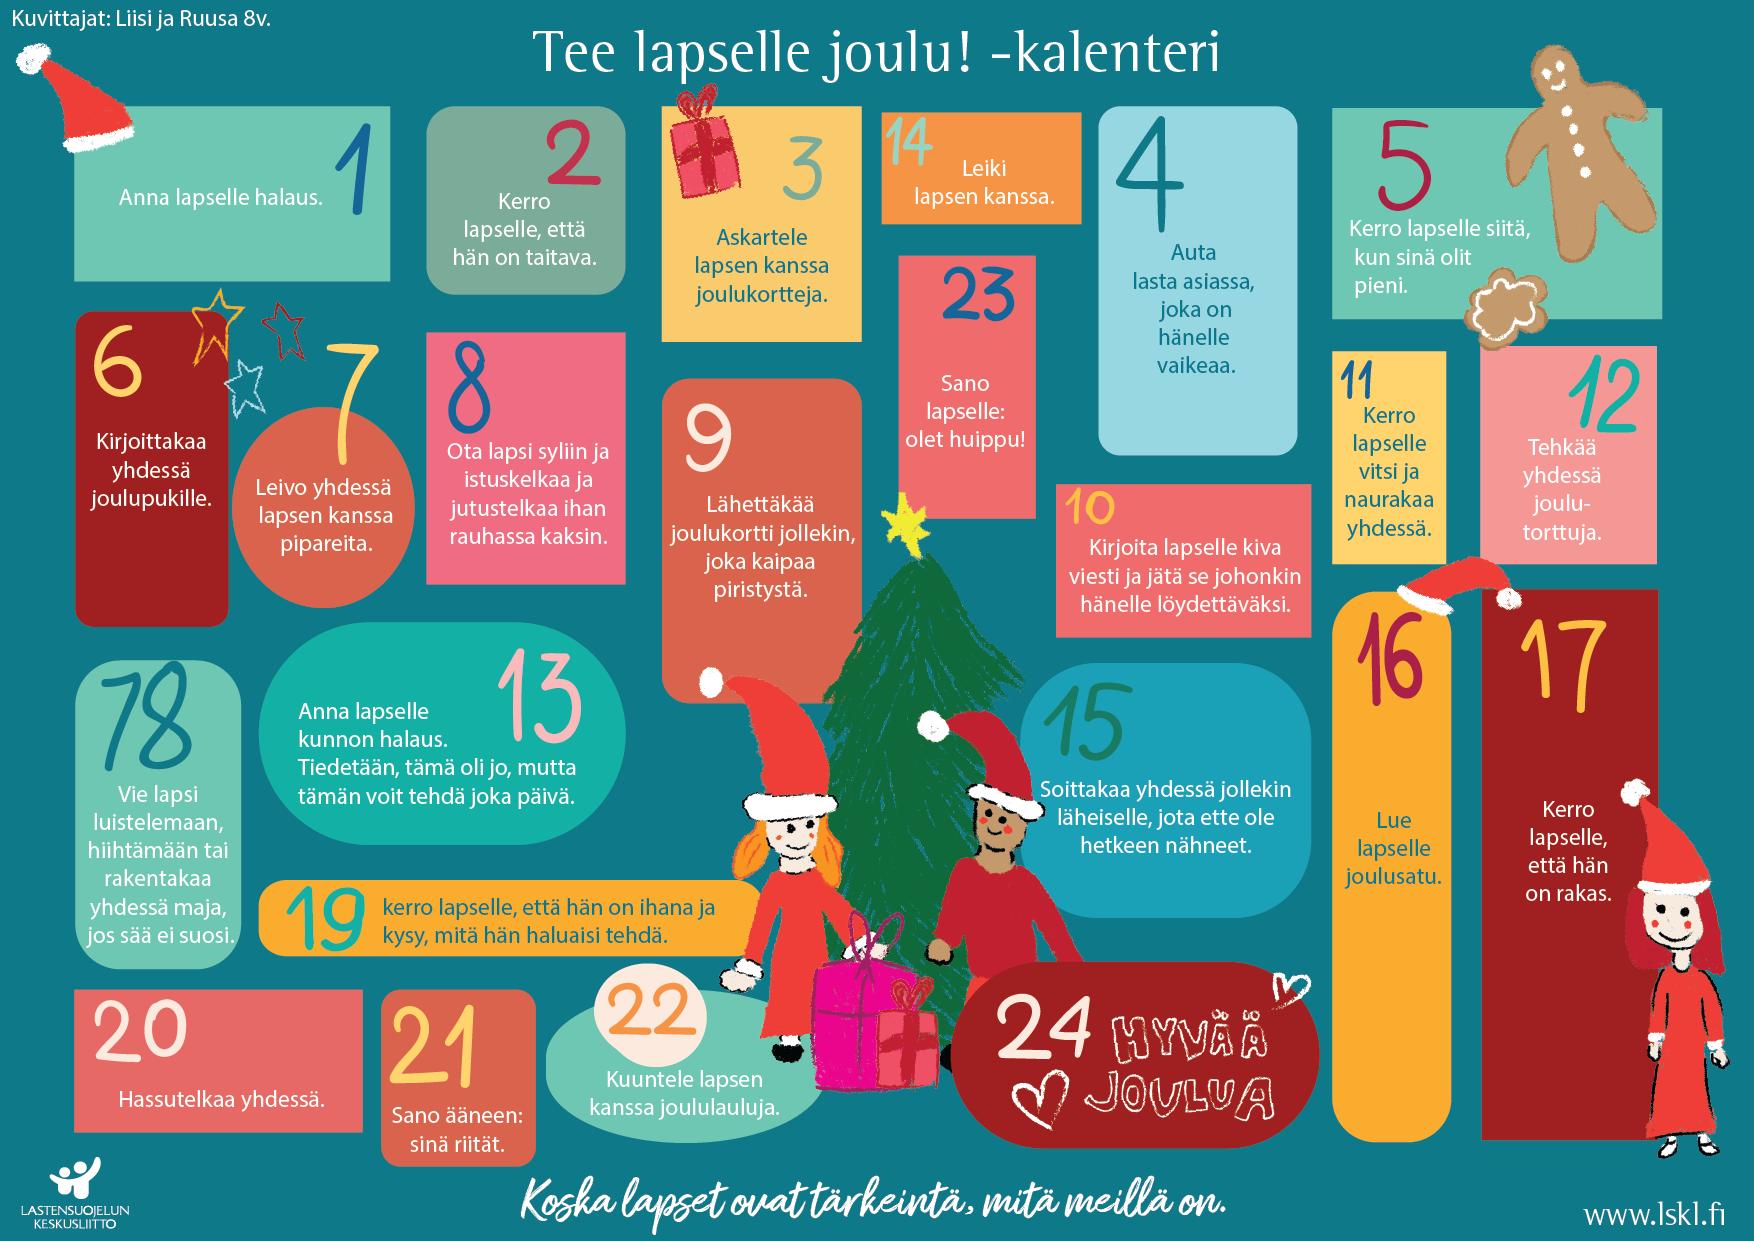 Tee lapselle joulu!